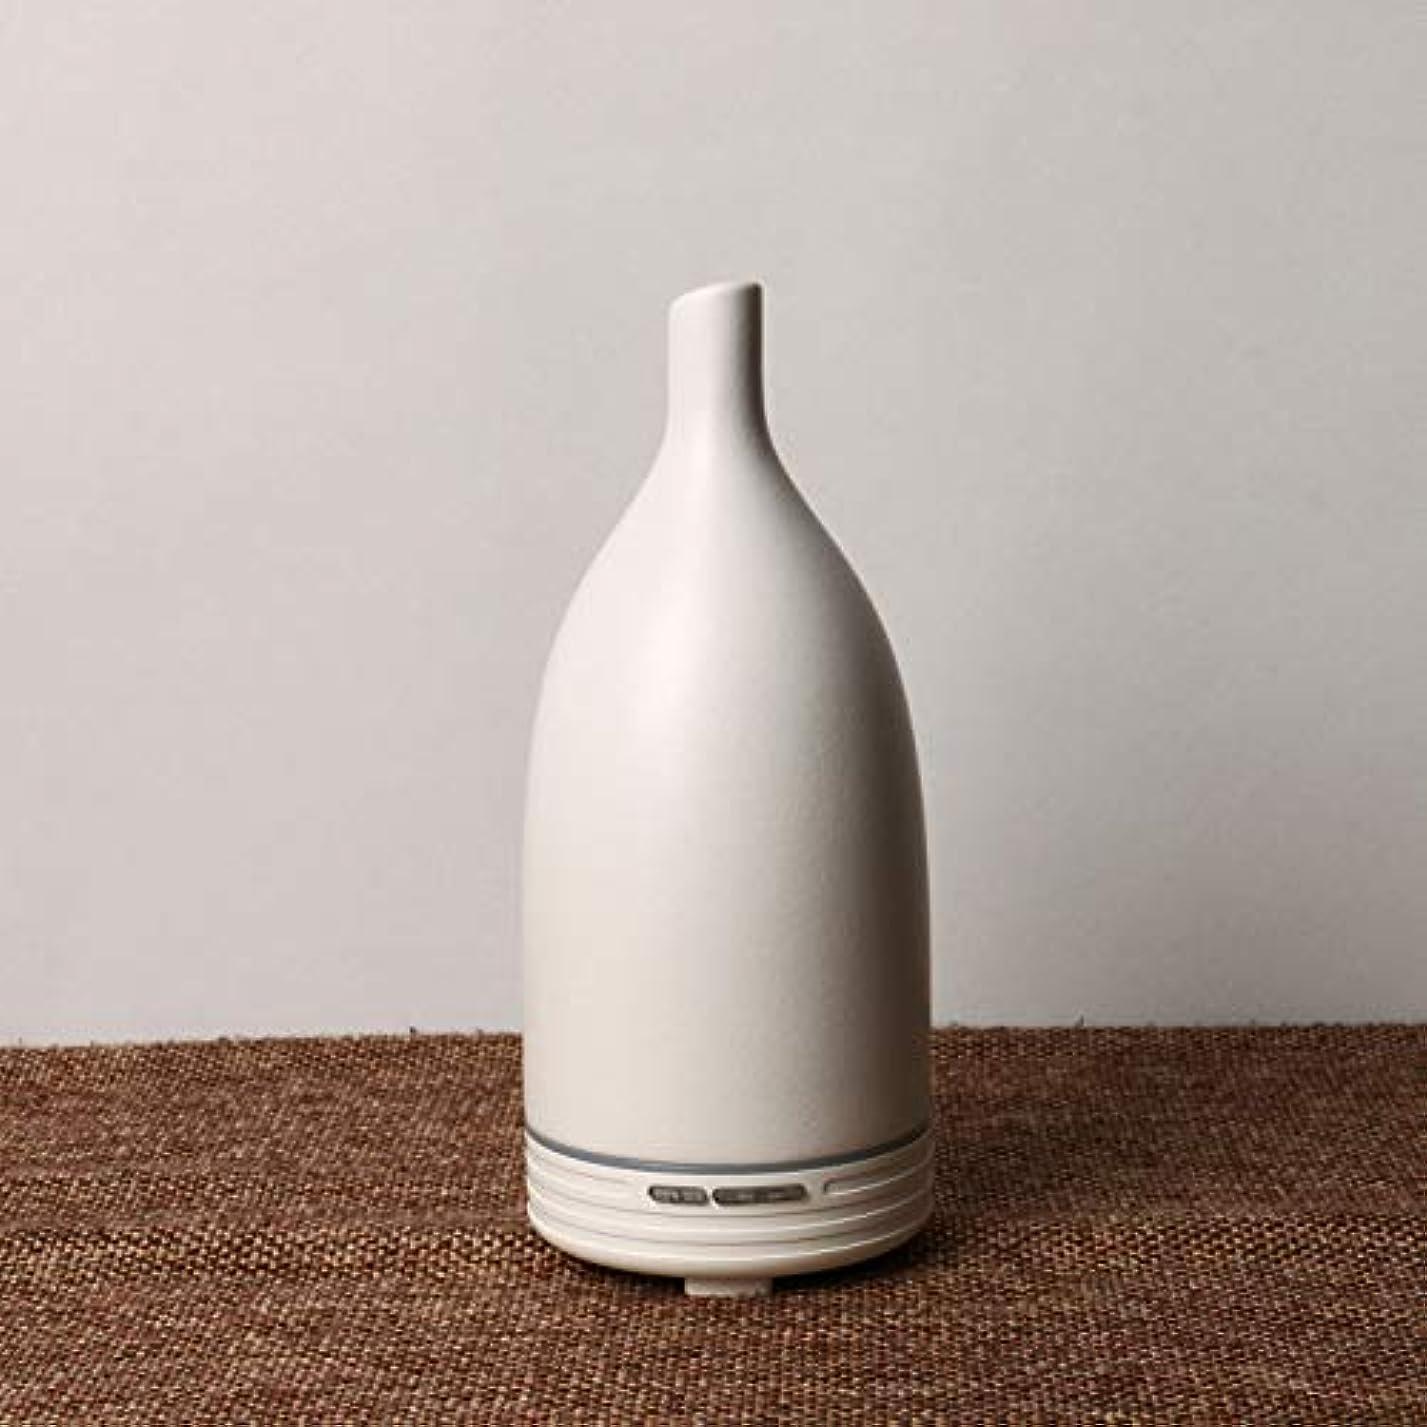 ドキュメンタリー事業内容インキュバスアロマディスペンサー精油加湿器陶磁器の材質は家庭の事務用に適しています。 (ホワイト)